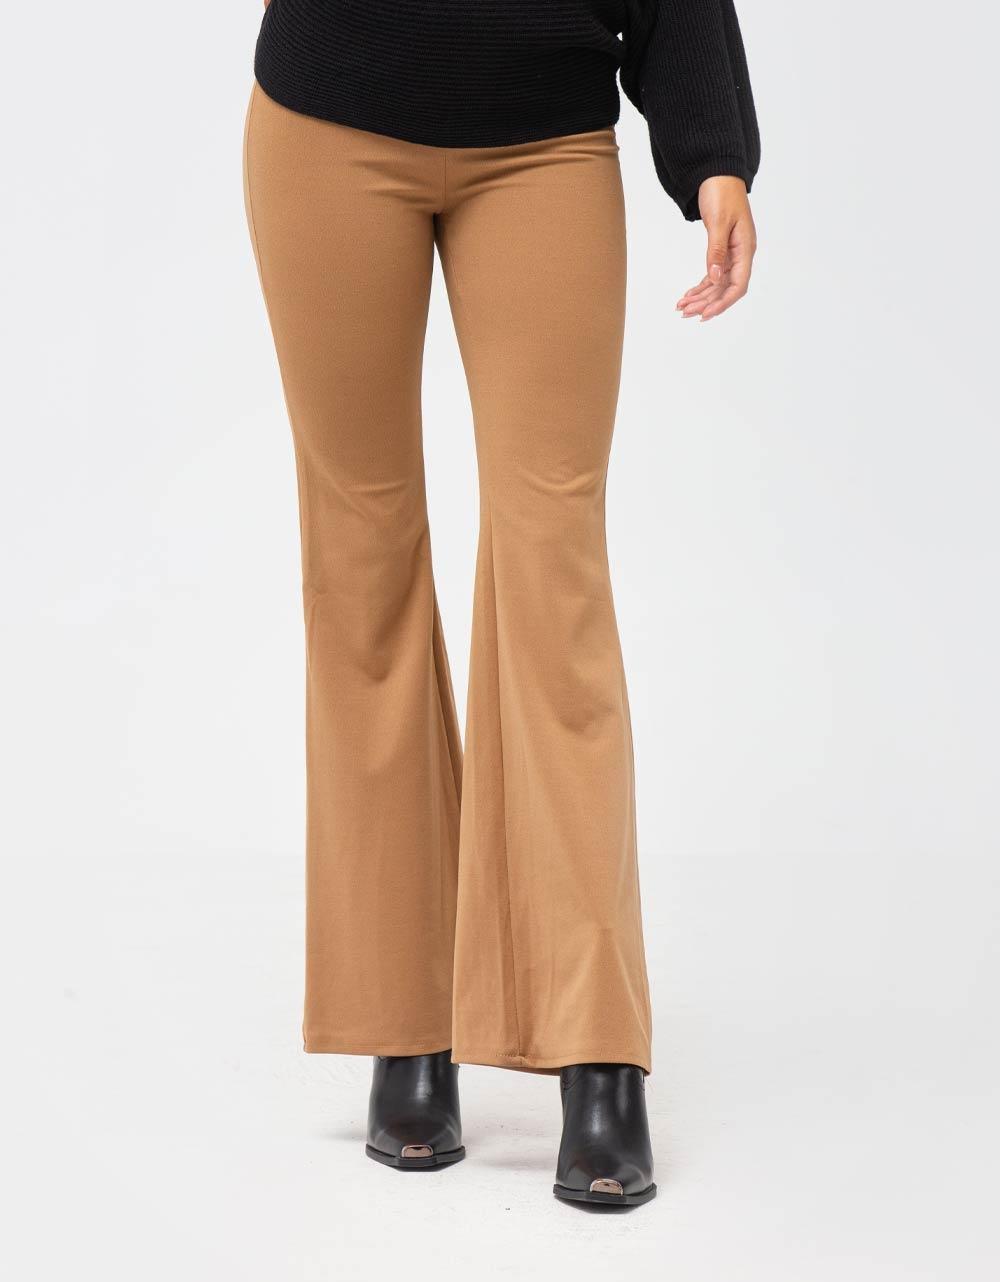 Εικόνα από Γυναικείο παντελόνι ψηλόμεσο καμπάνα Μπεζ